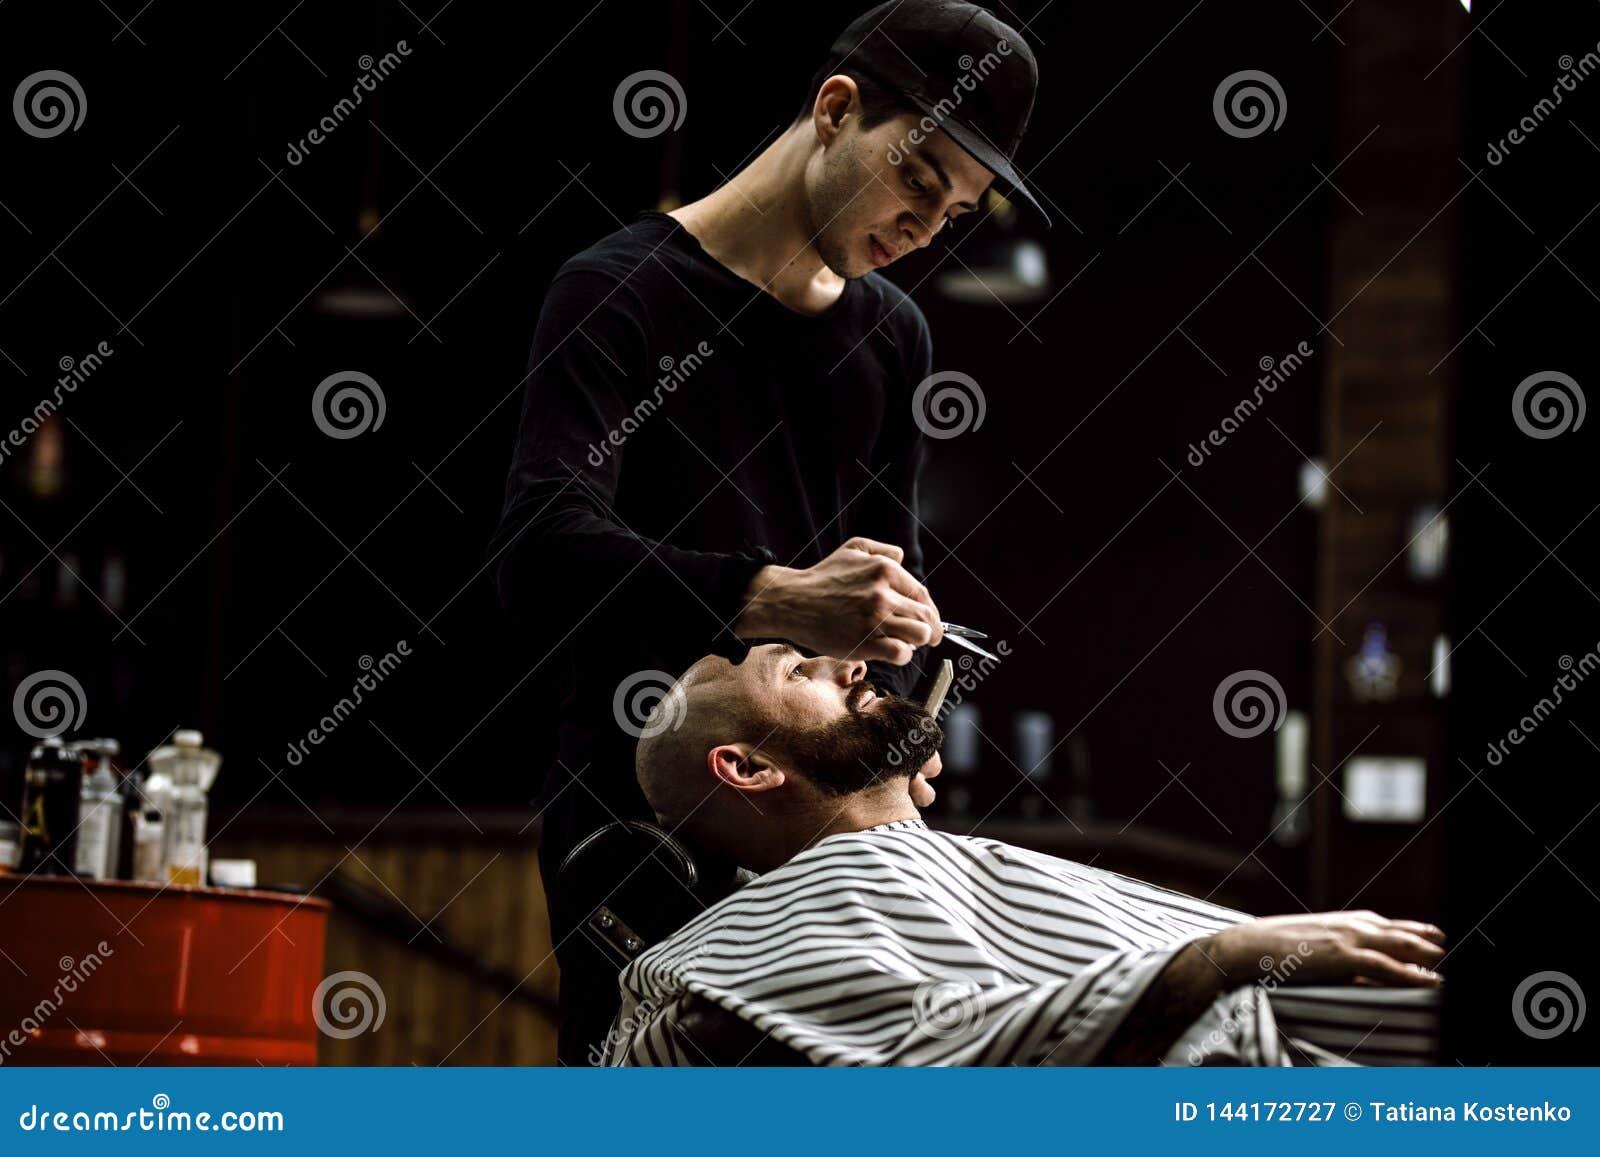 Ύφος ατόμων ` s Ο κουρέας που ντύνεται στο Μαύρο ντύνει τη γενειάδα ψαλιδιού του βάναυσου ατόμου στο μοντέρνο barbershop